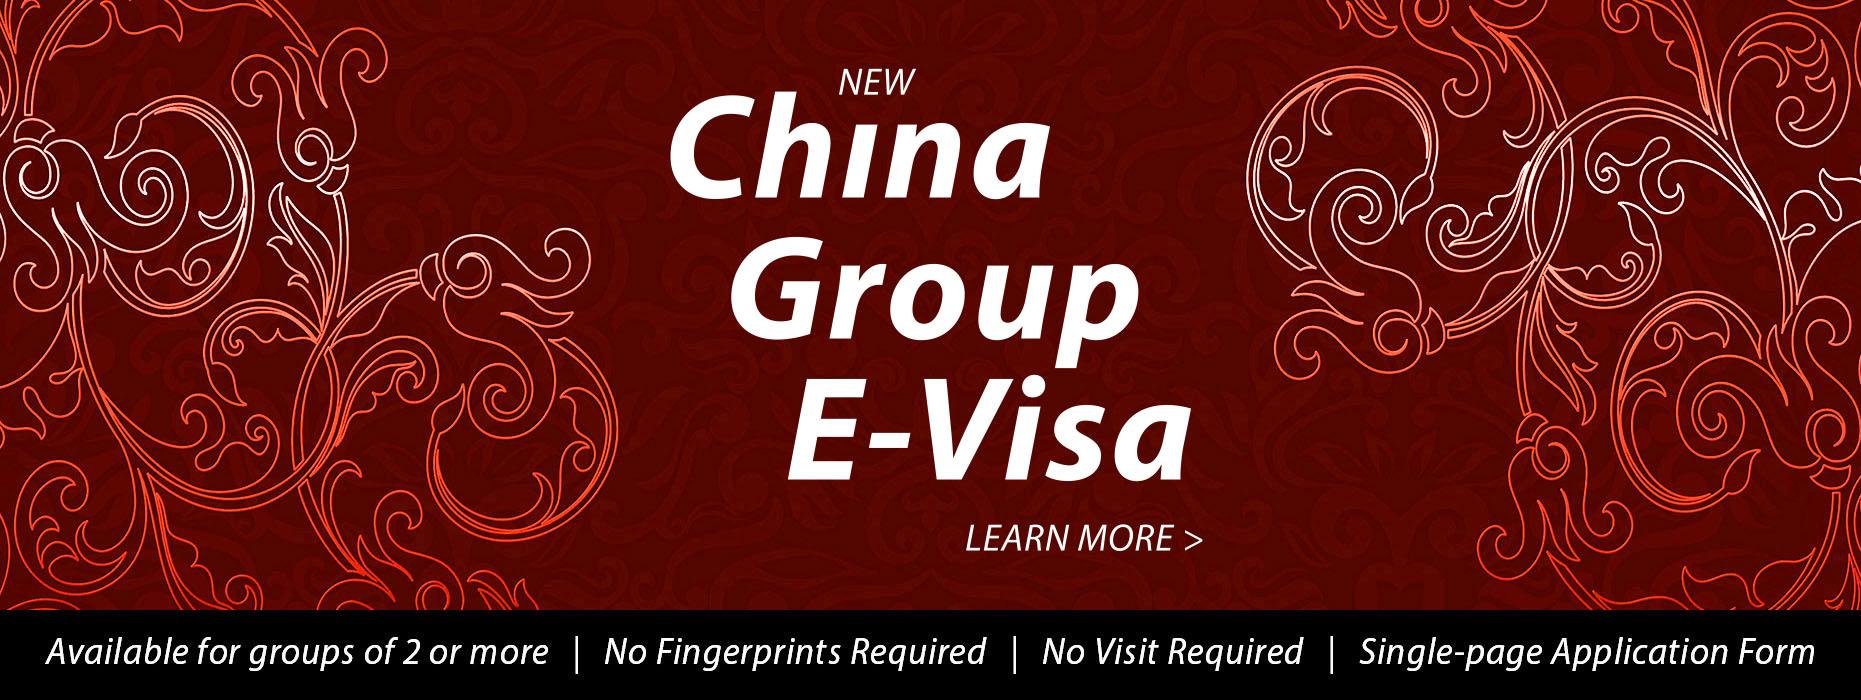 China Group E-Visa